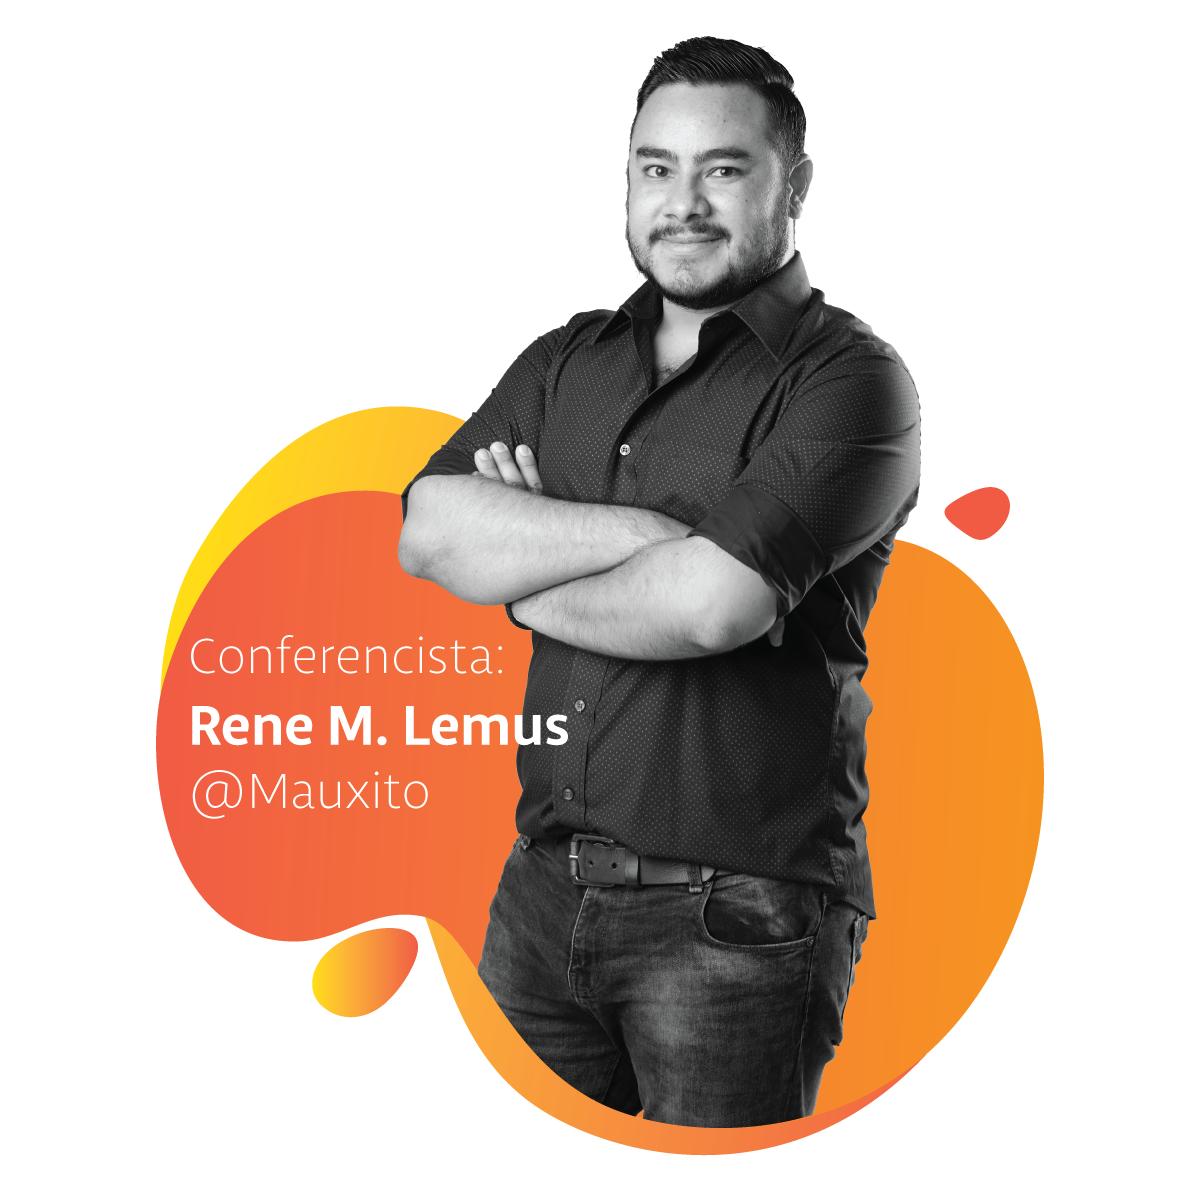 Rene M. Lemus